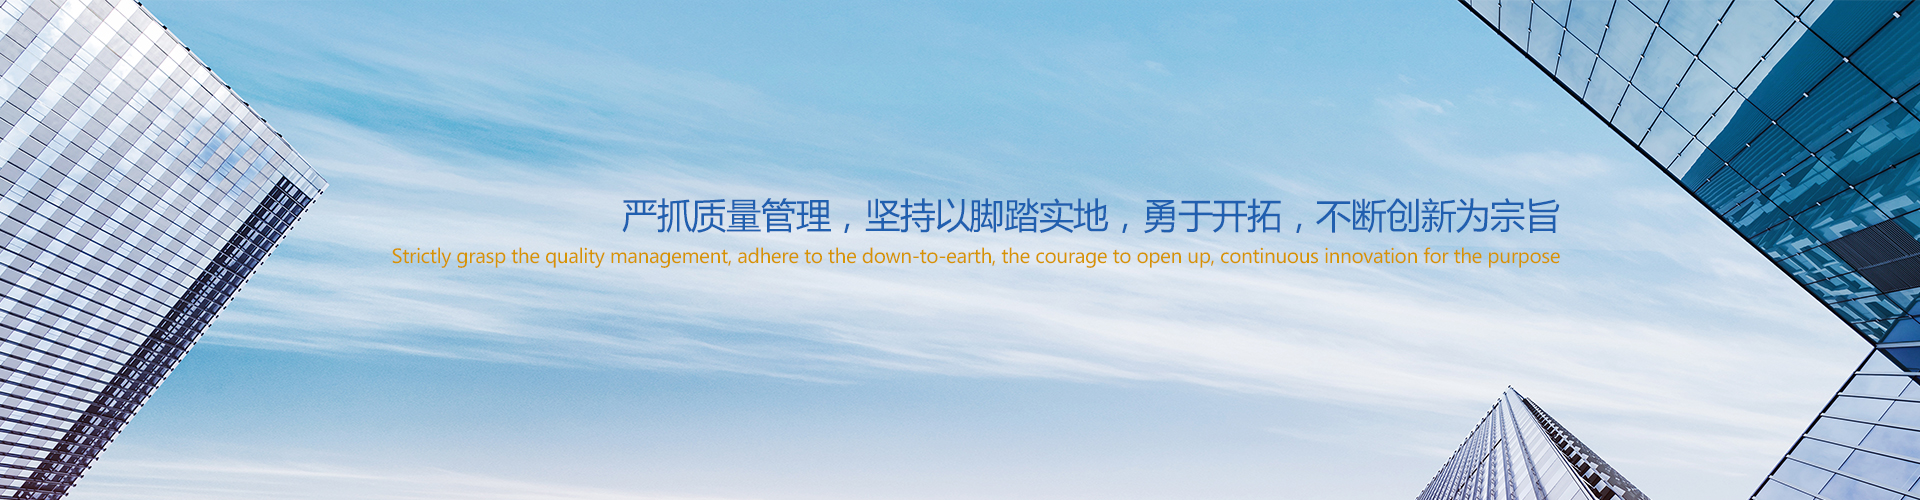 http://www.nmzyjz.com/data/upload/202012/20201226171312_433.jpg